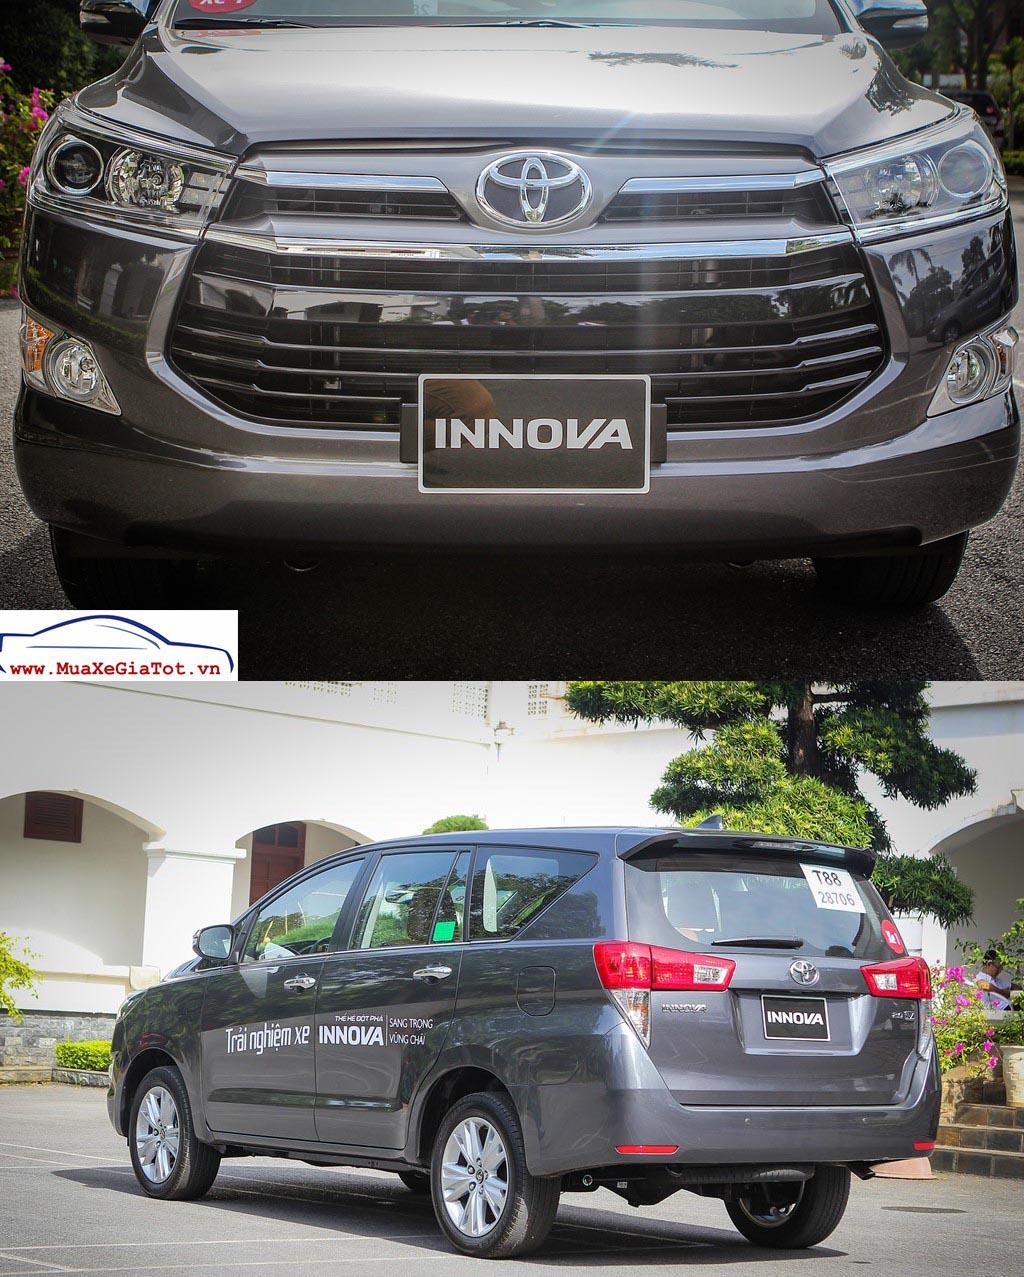 xe toyota innova 2016 -  - So sánh Toyota Innova 2.0V và Honda CRV tại Việt Nam